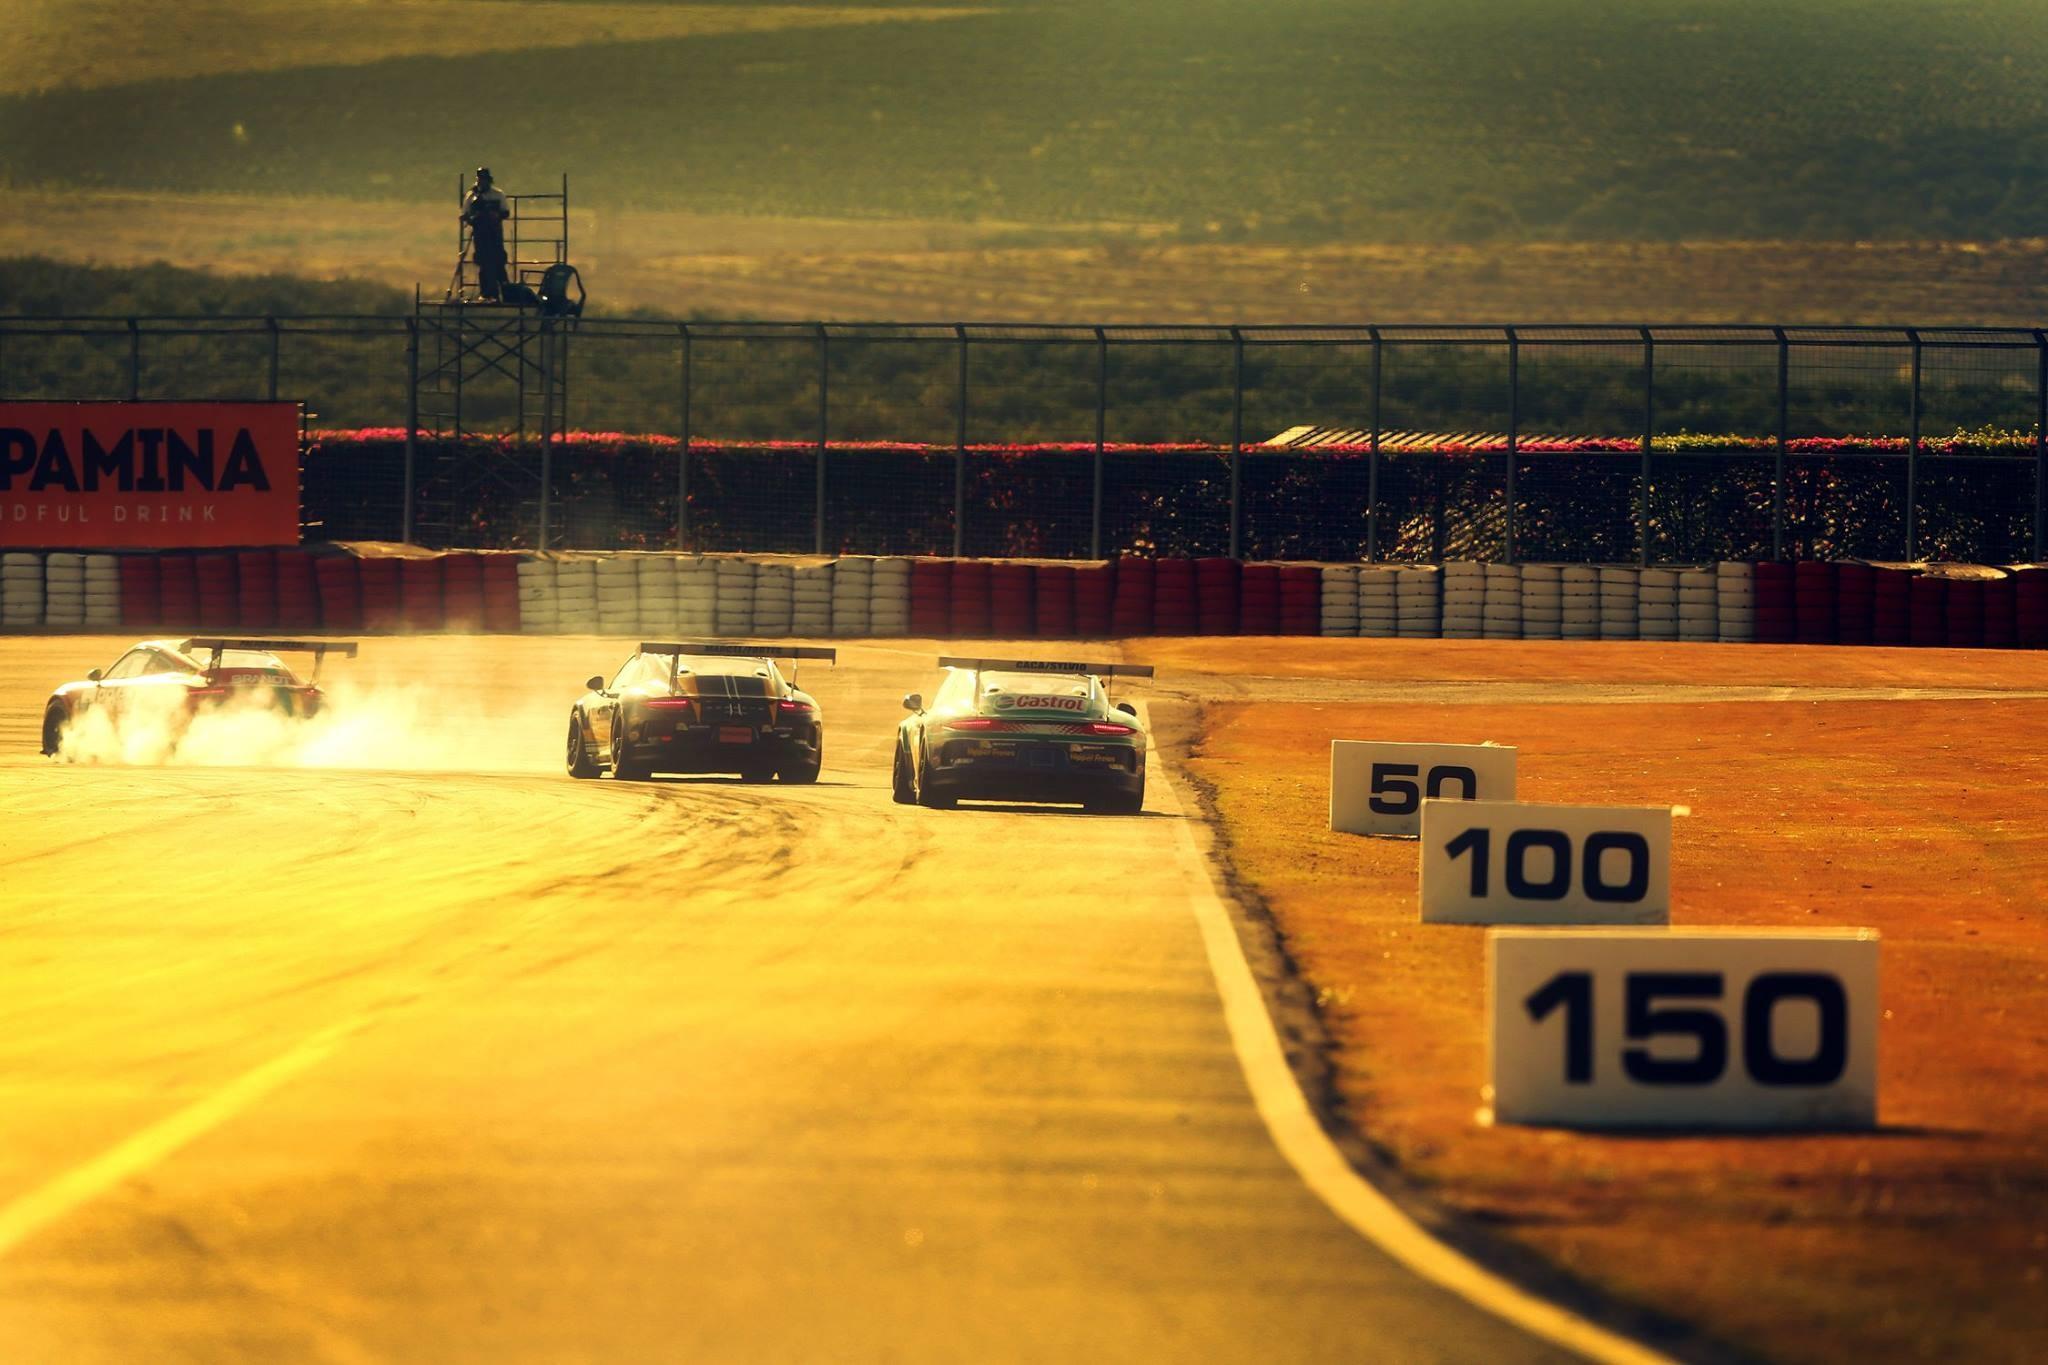 E com essa linda imagem nos despedimos de Velo Città, já anciosos para a etapa de Goiânia dia 7/10! (Foto: Porsche Império GT3 Cup/Luca Bassani)